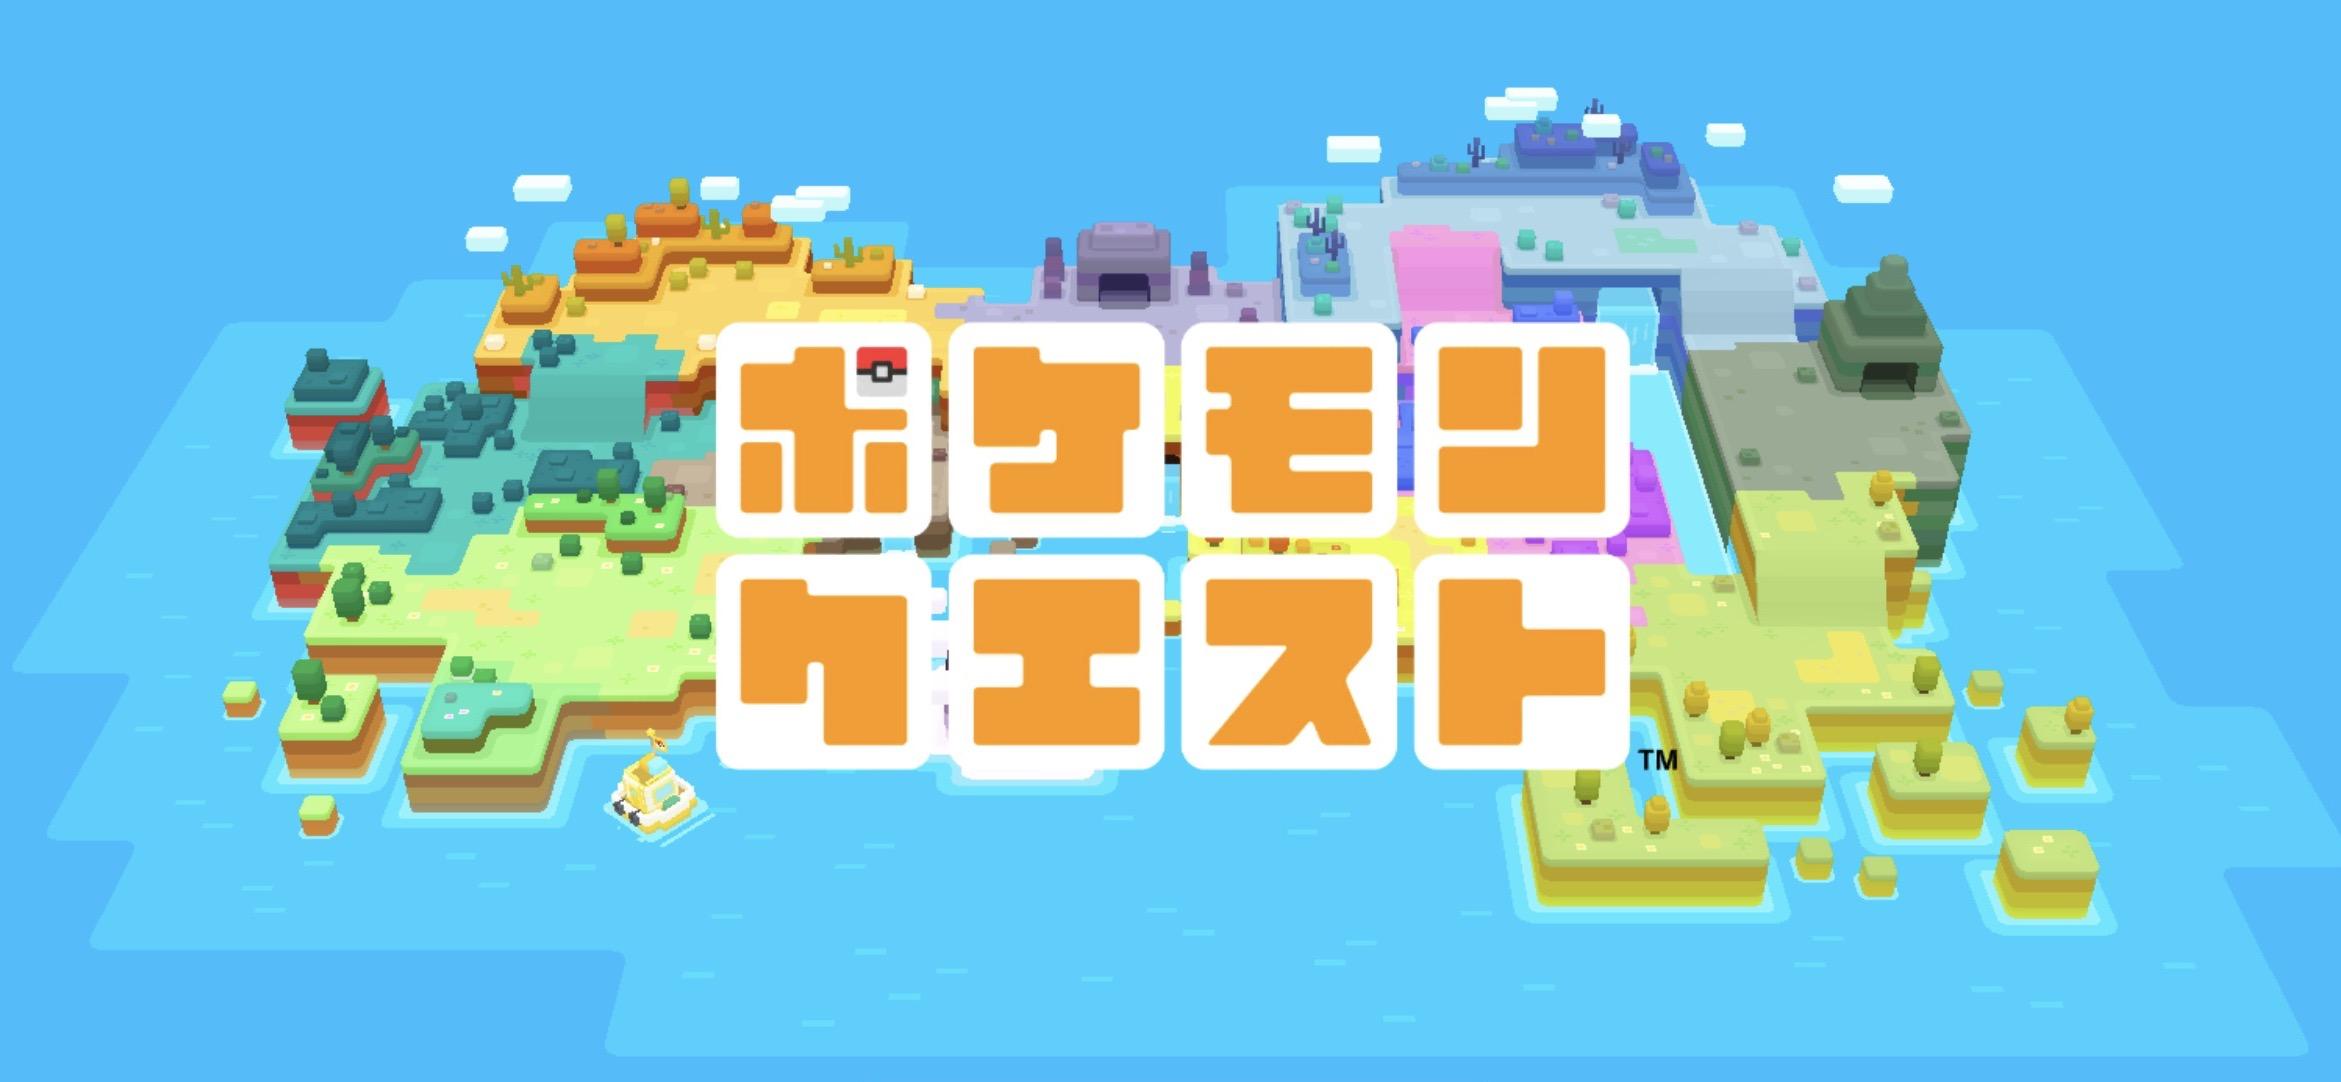 ポケモン、新作ゲームアプリ「ポケモンクエスト」をリリース